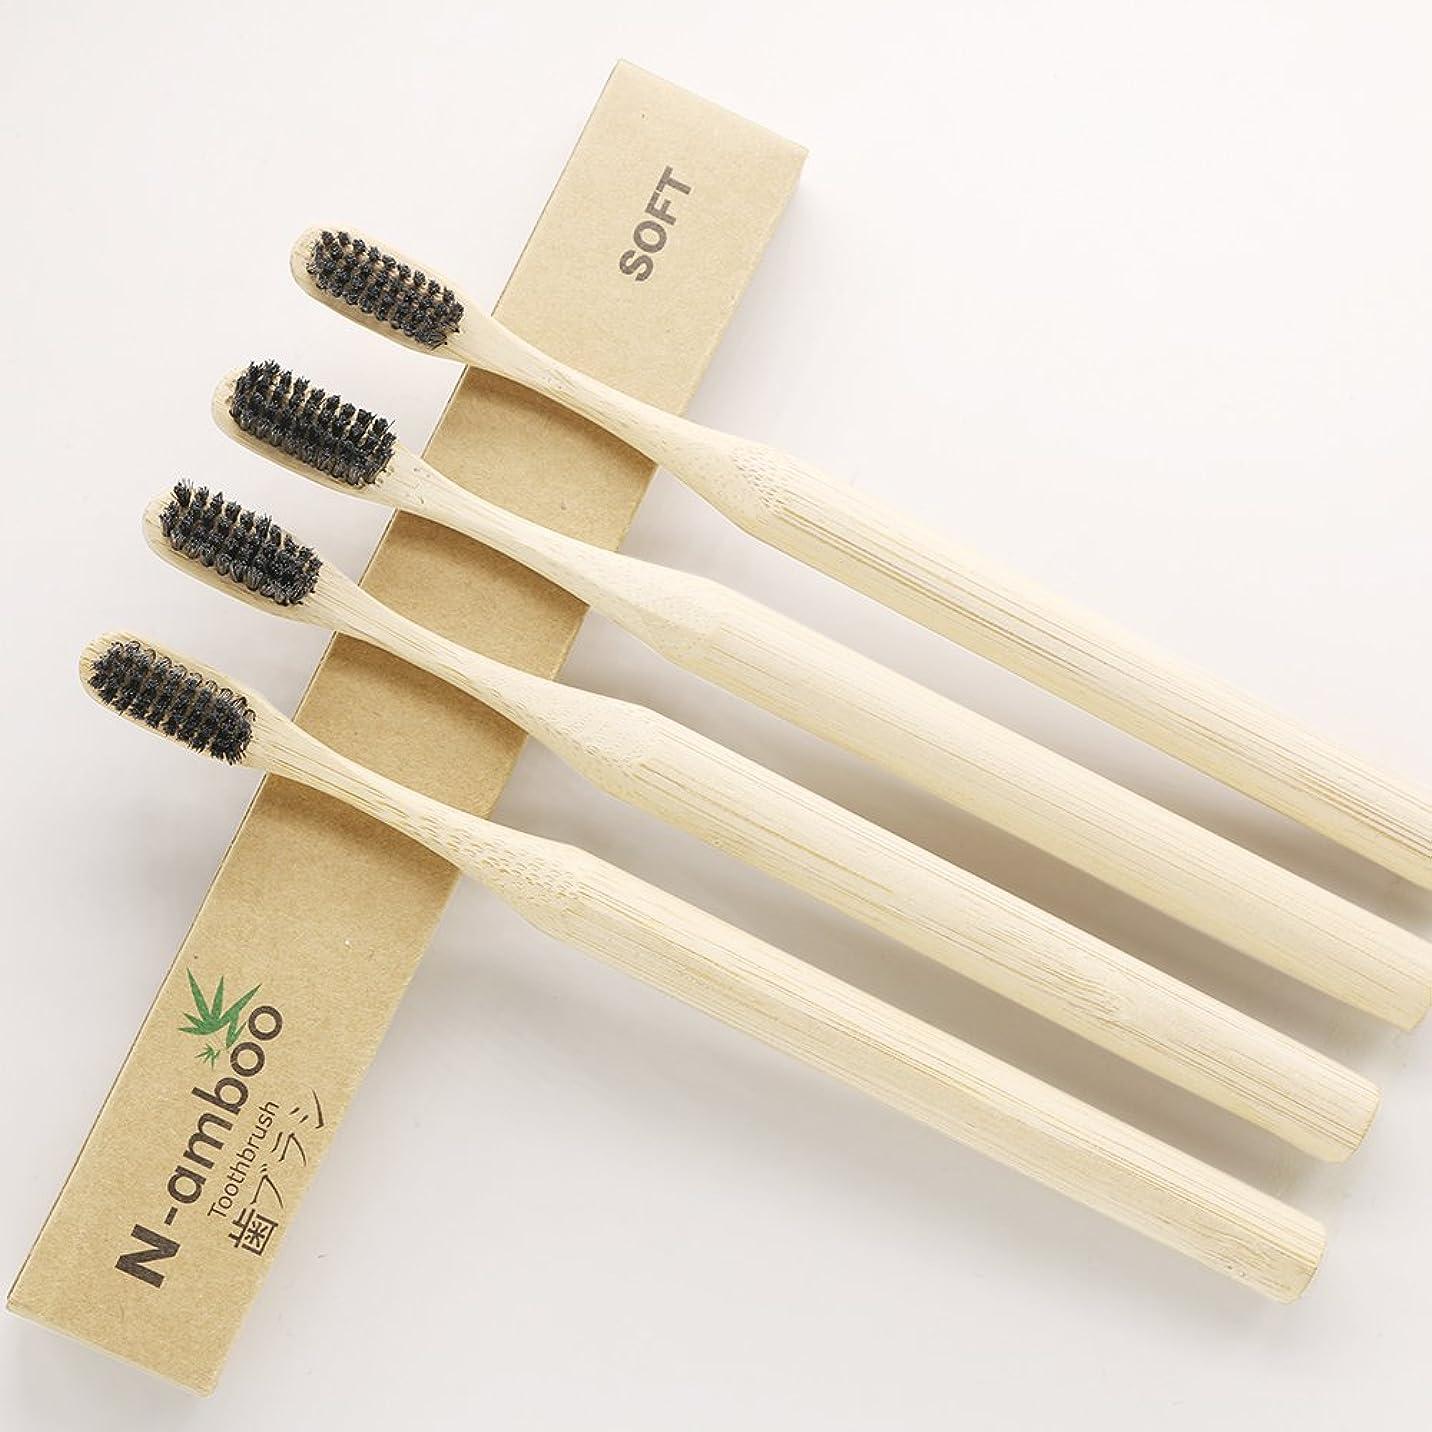 窓エンジニアストライドN-amboo 竹製耐久度高い 歯ブラシ 4本入り セット 黒い